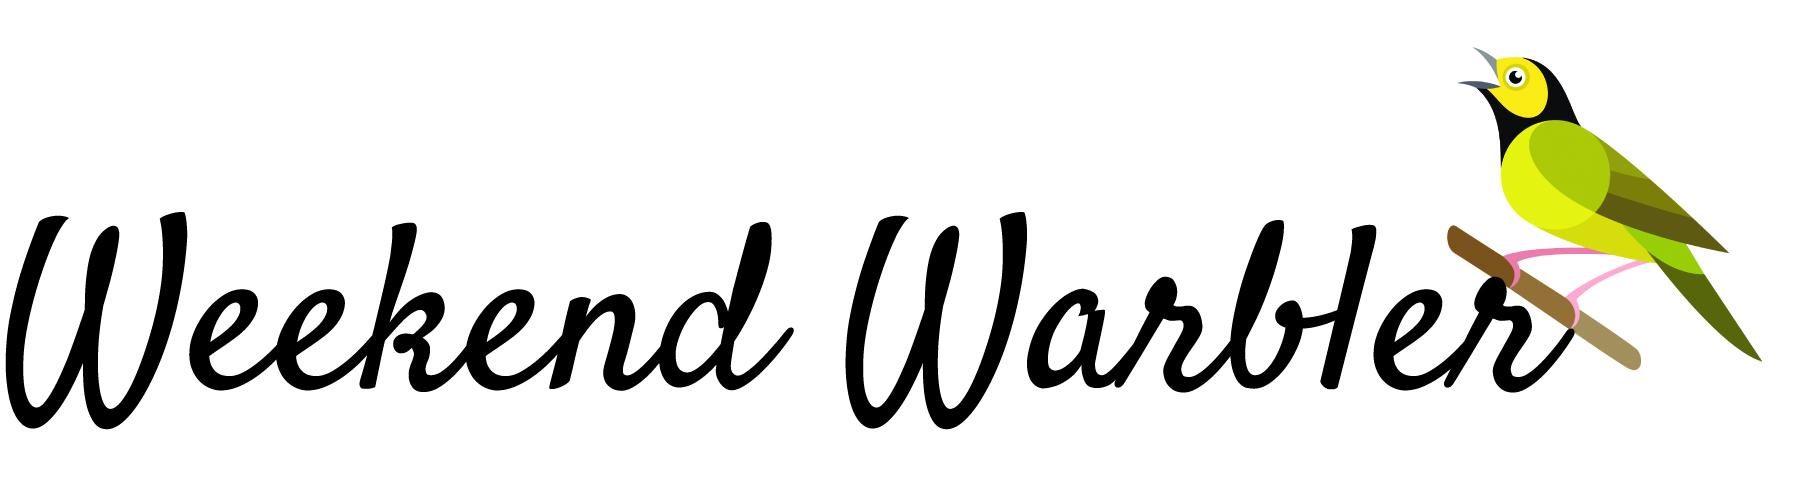 The Weekend Warbler